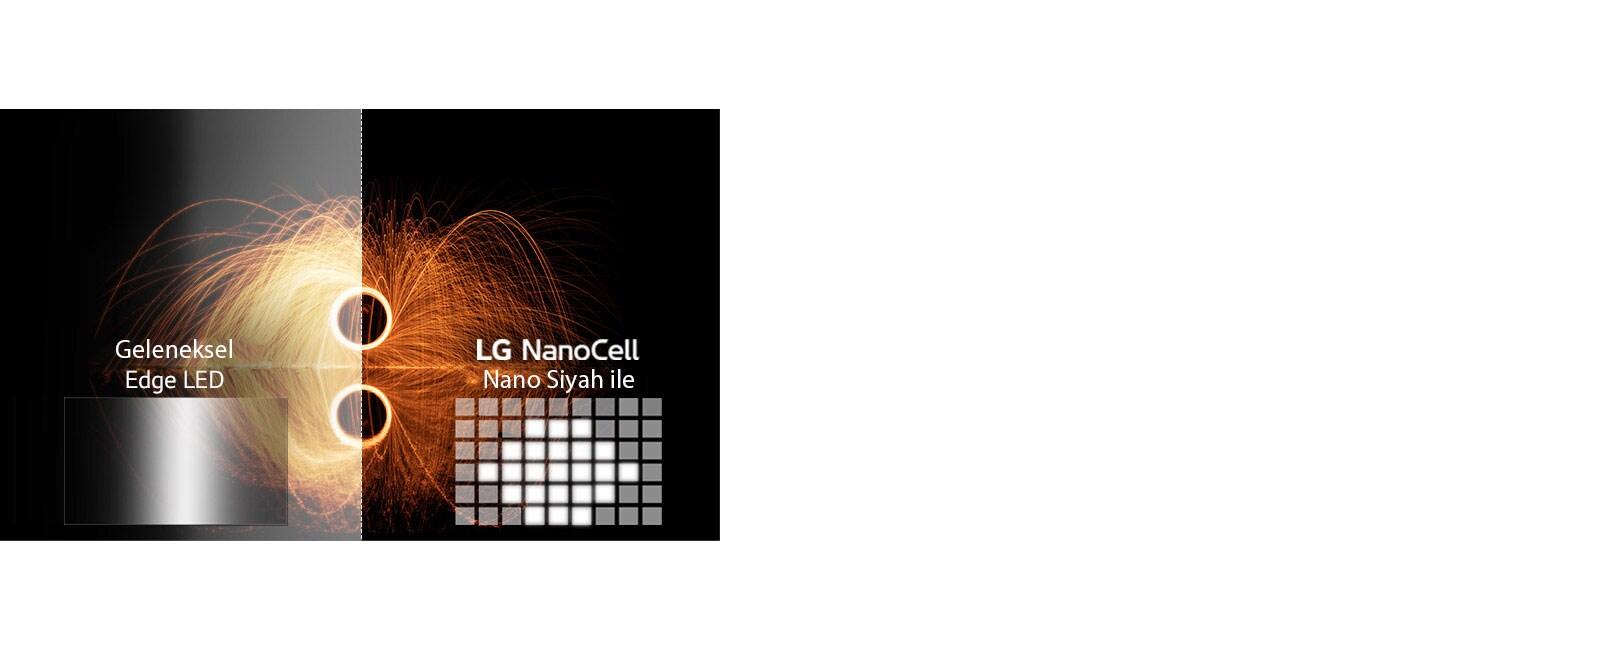 Alev görüntüsünde geleneksel ve Full Array Karartma Pro teknolojisi karşılaştırması